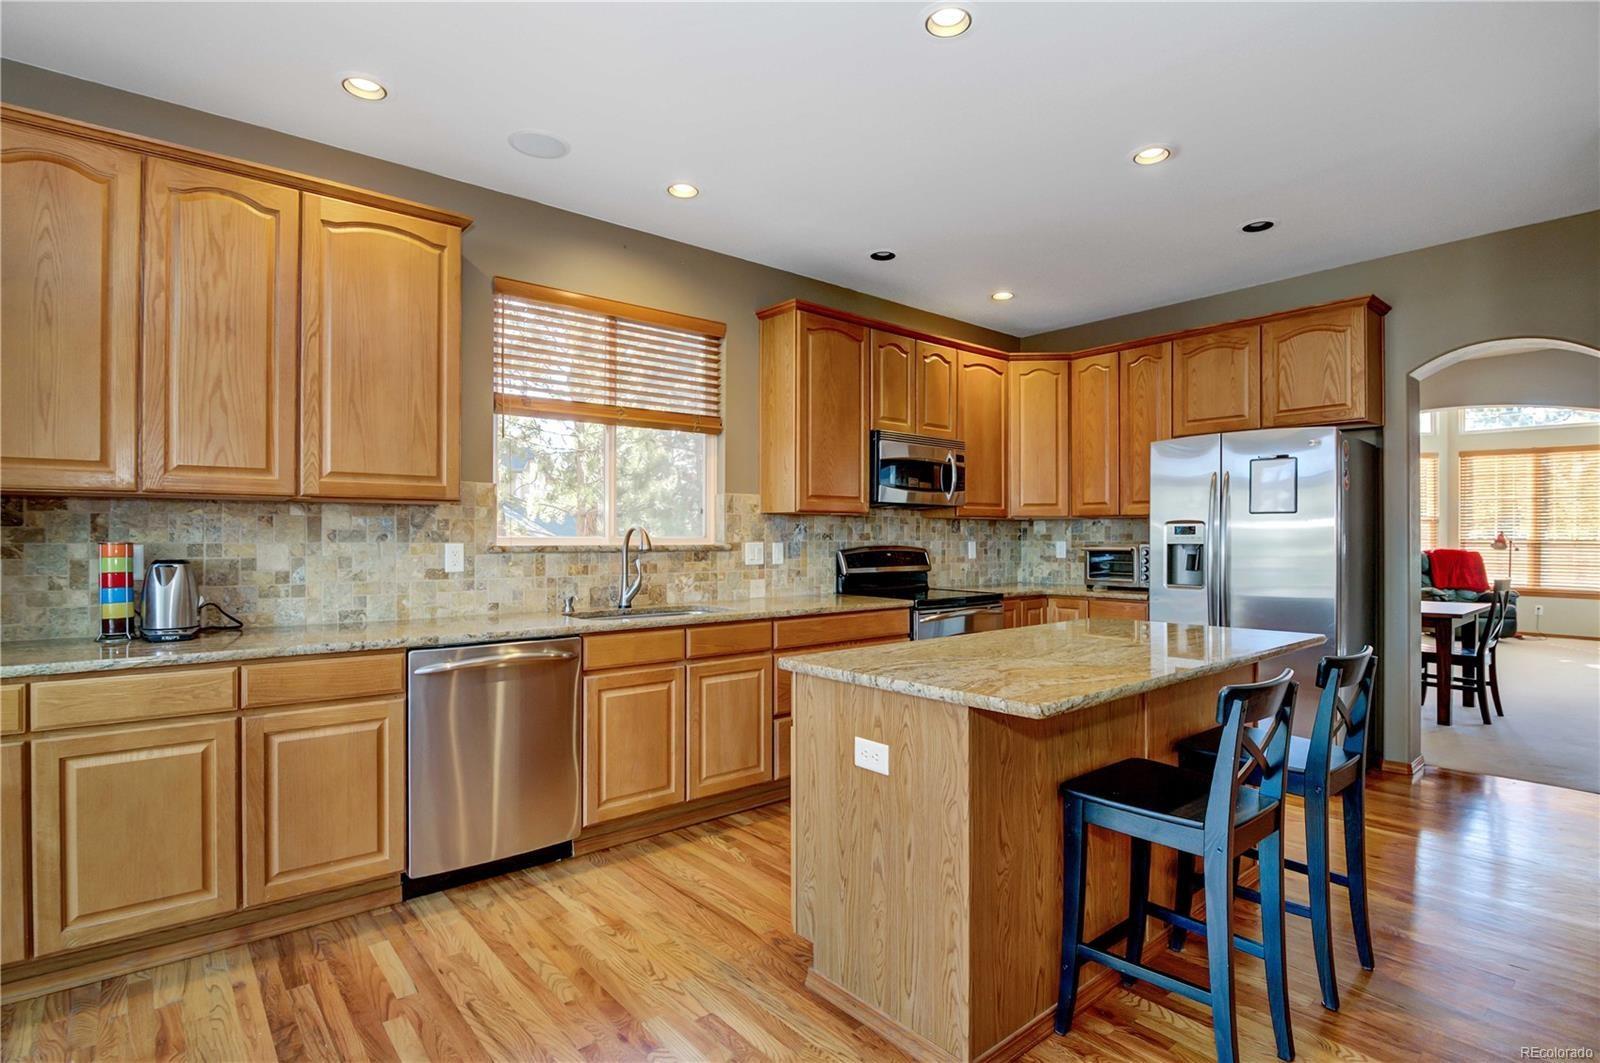 MLS# 5456451 - 4 - 15971 Woodmeadow Court, Colorado Springs, CO 80921